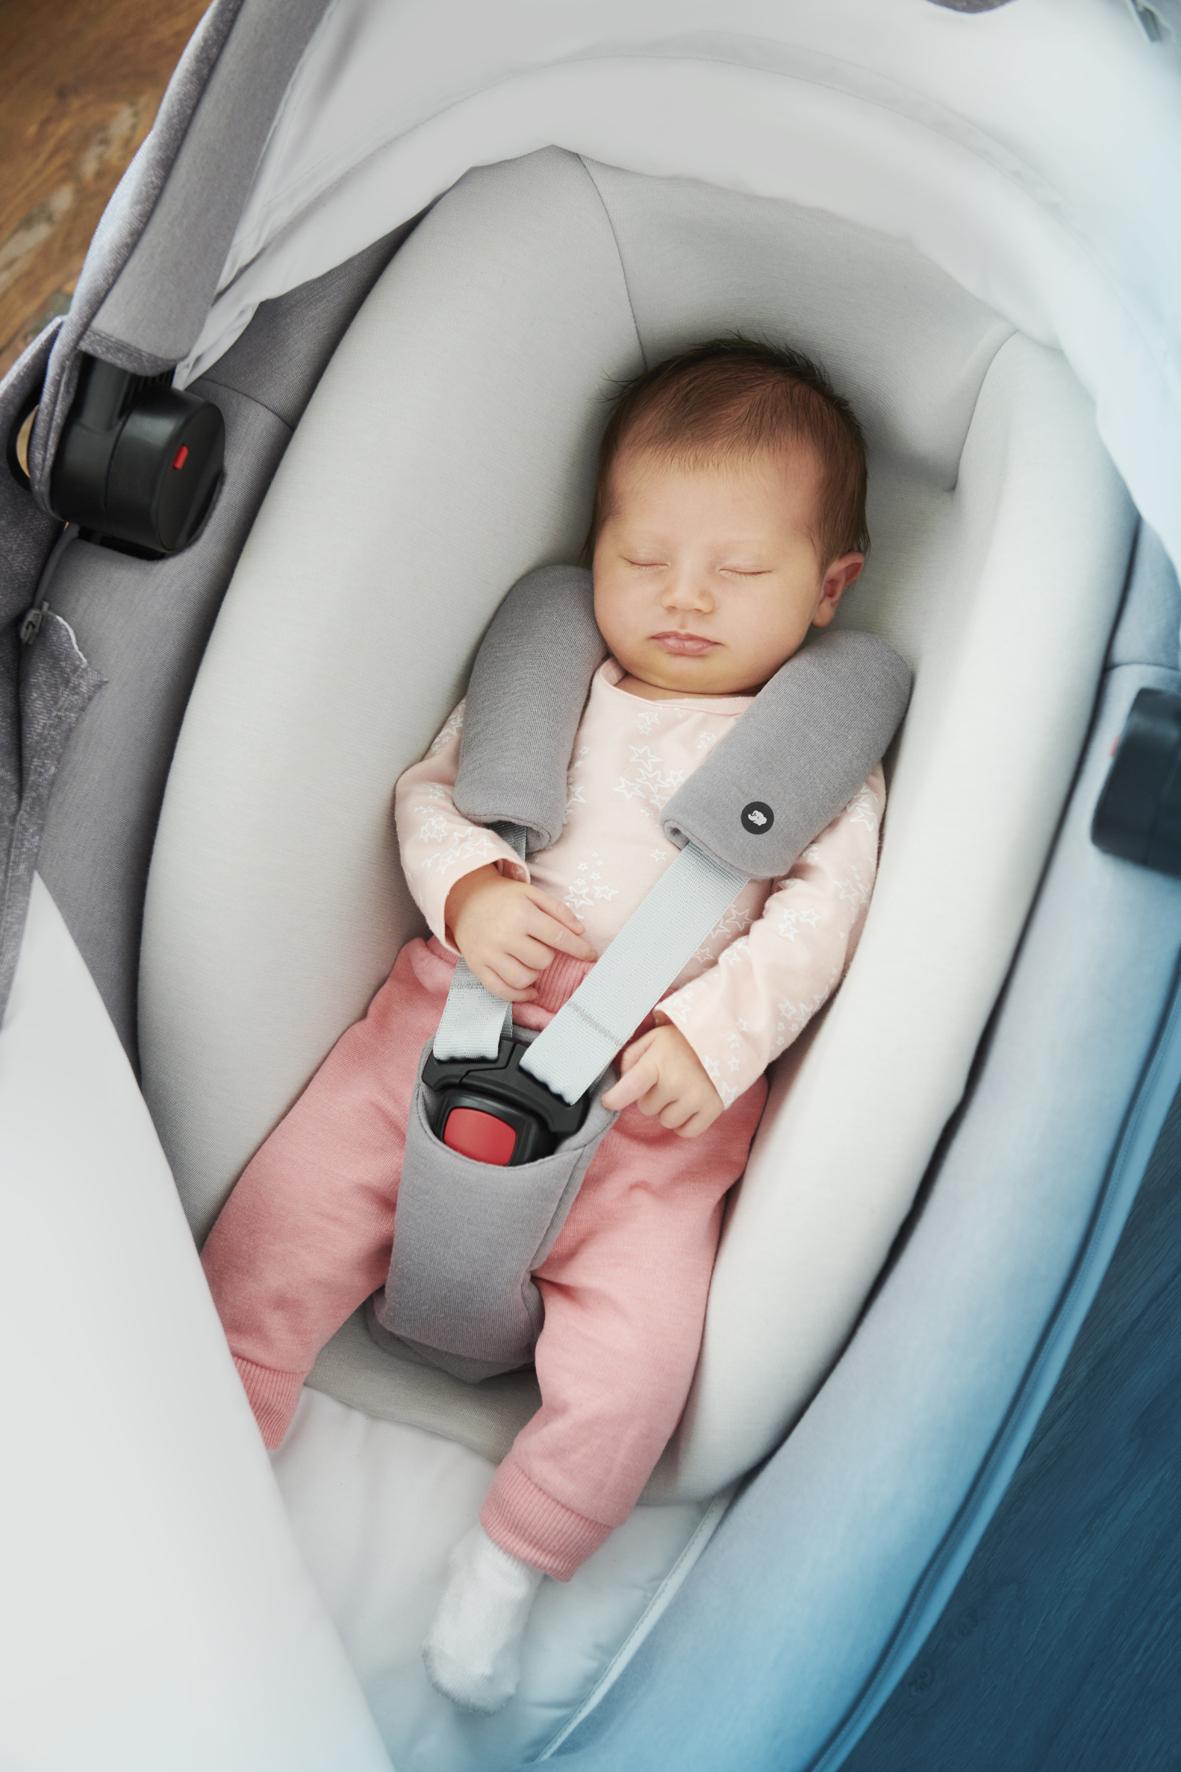 Bébé En Voiture : La Première Nacelle Homologuée R 129, La intérieur Jeux Voiture Bebe